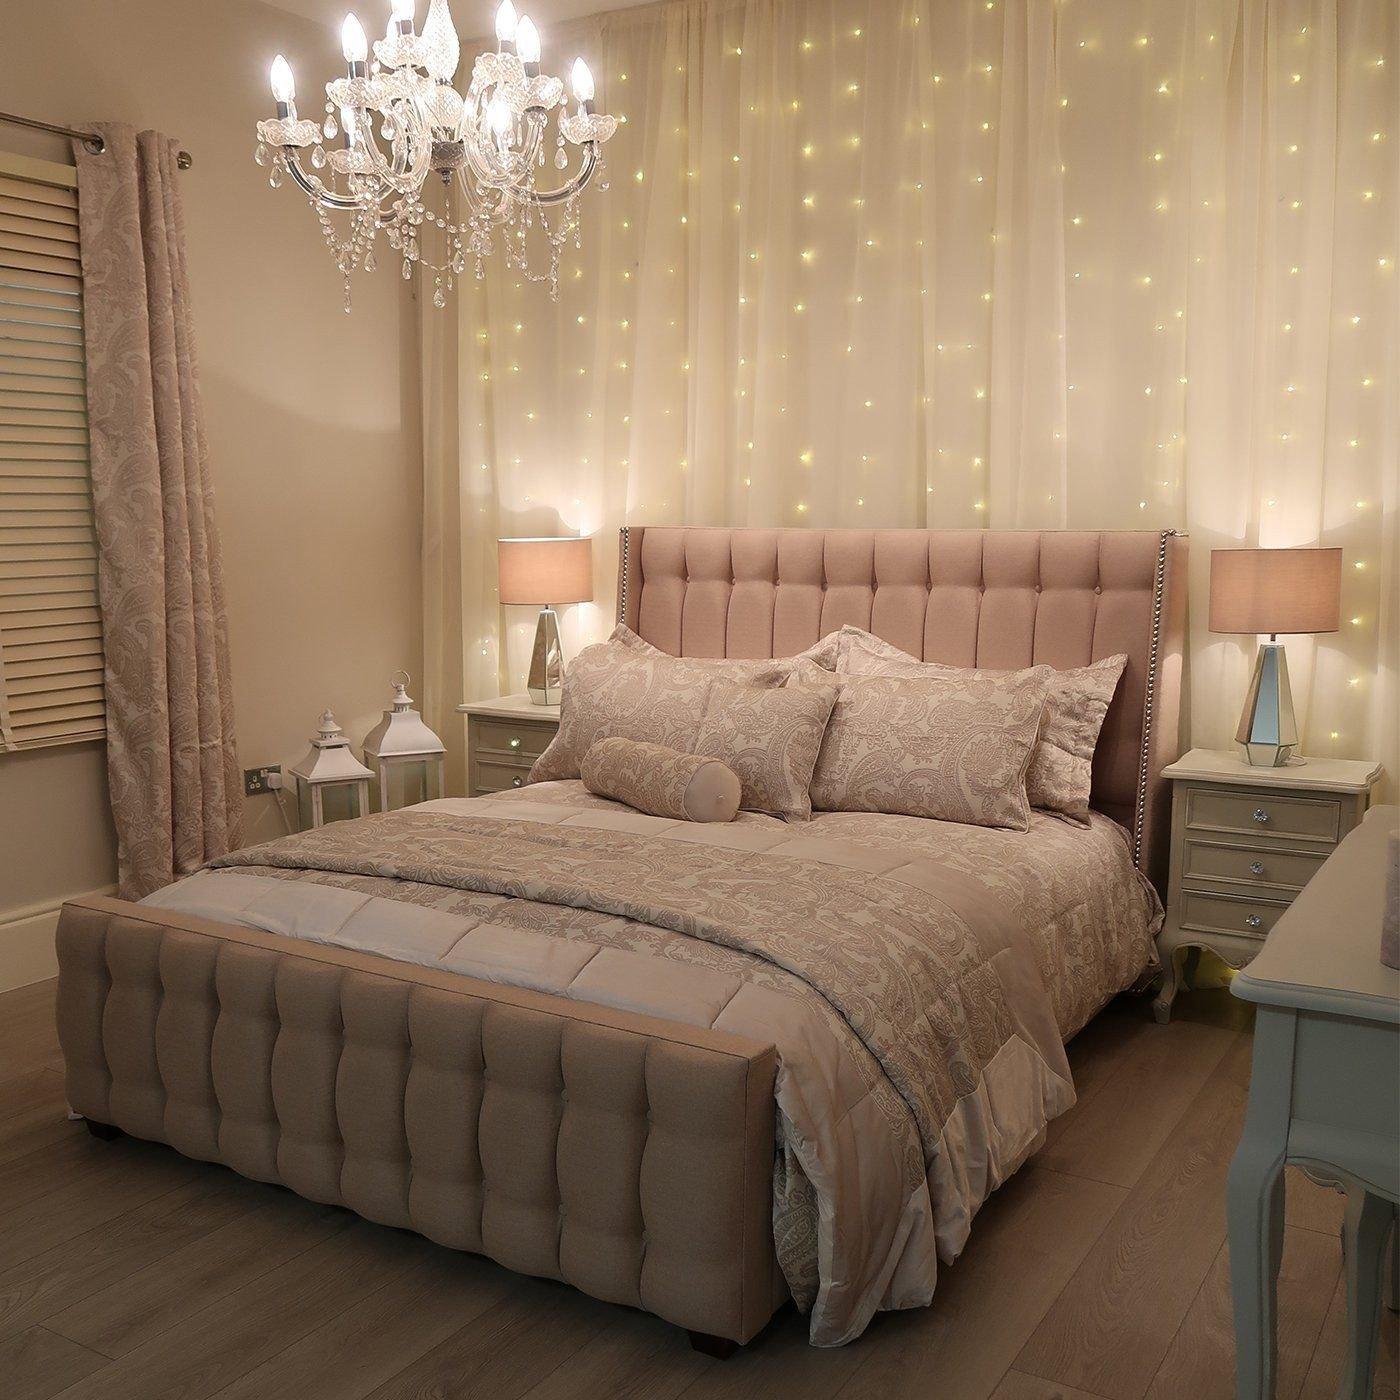 Decorative Light for Bedroom Lovely Led Fairy Light Curtain Kit